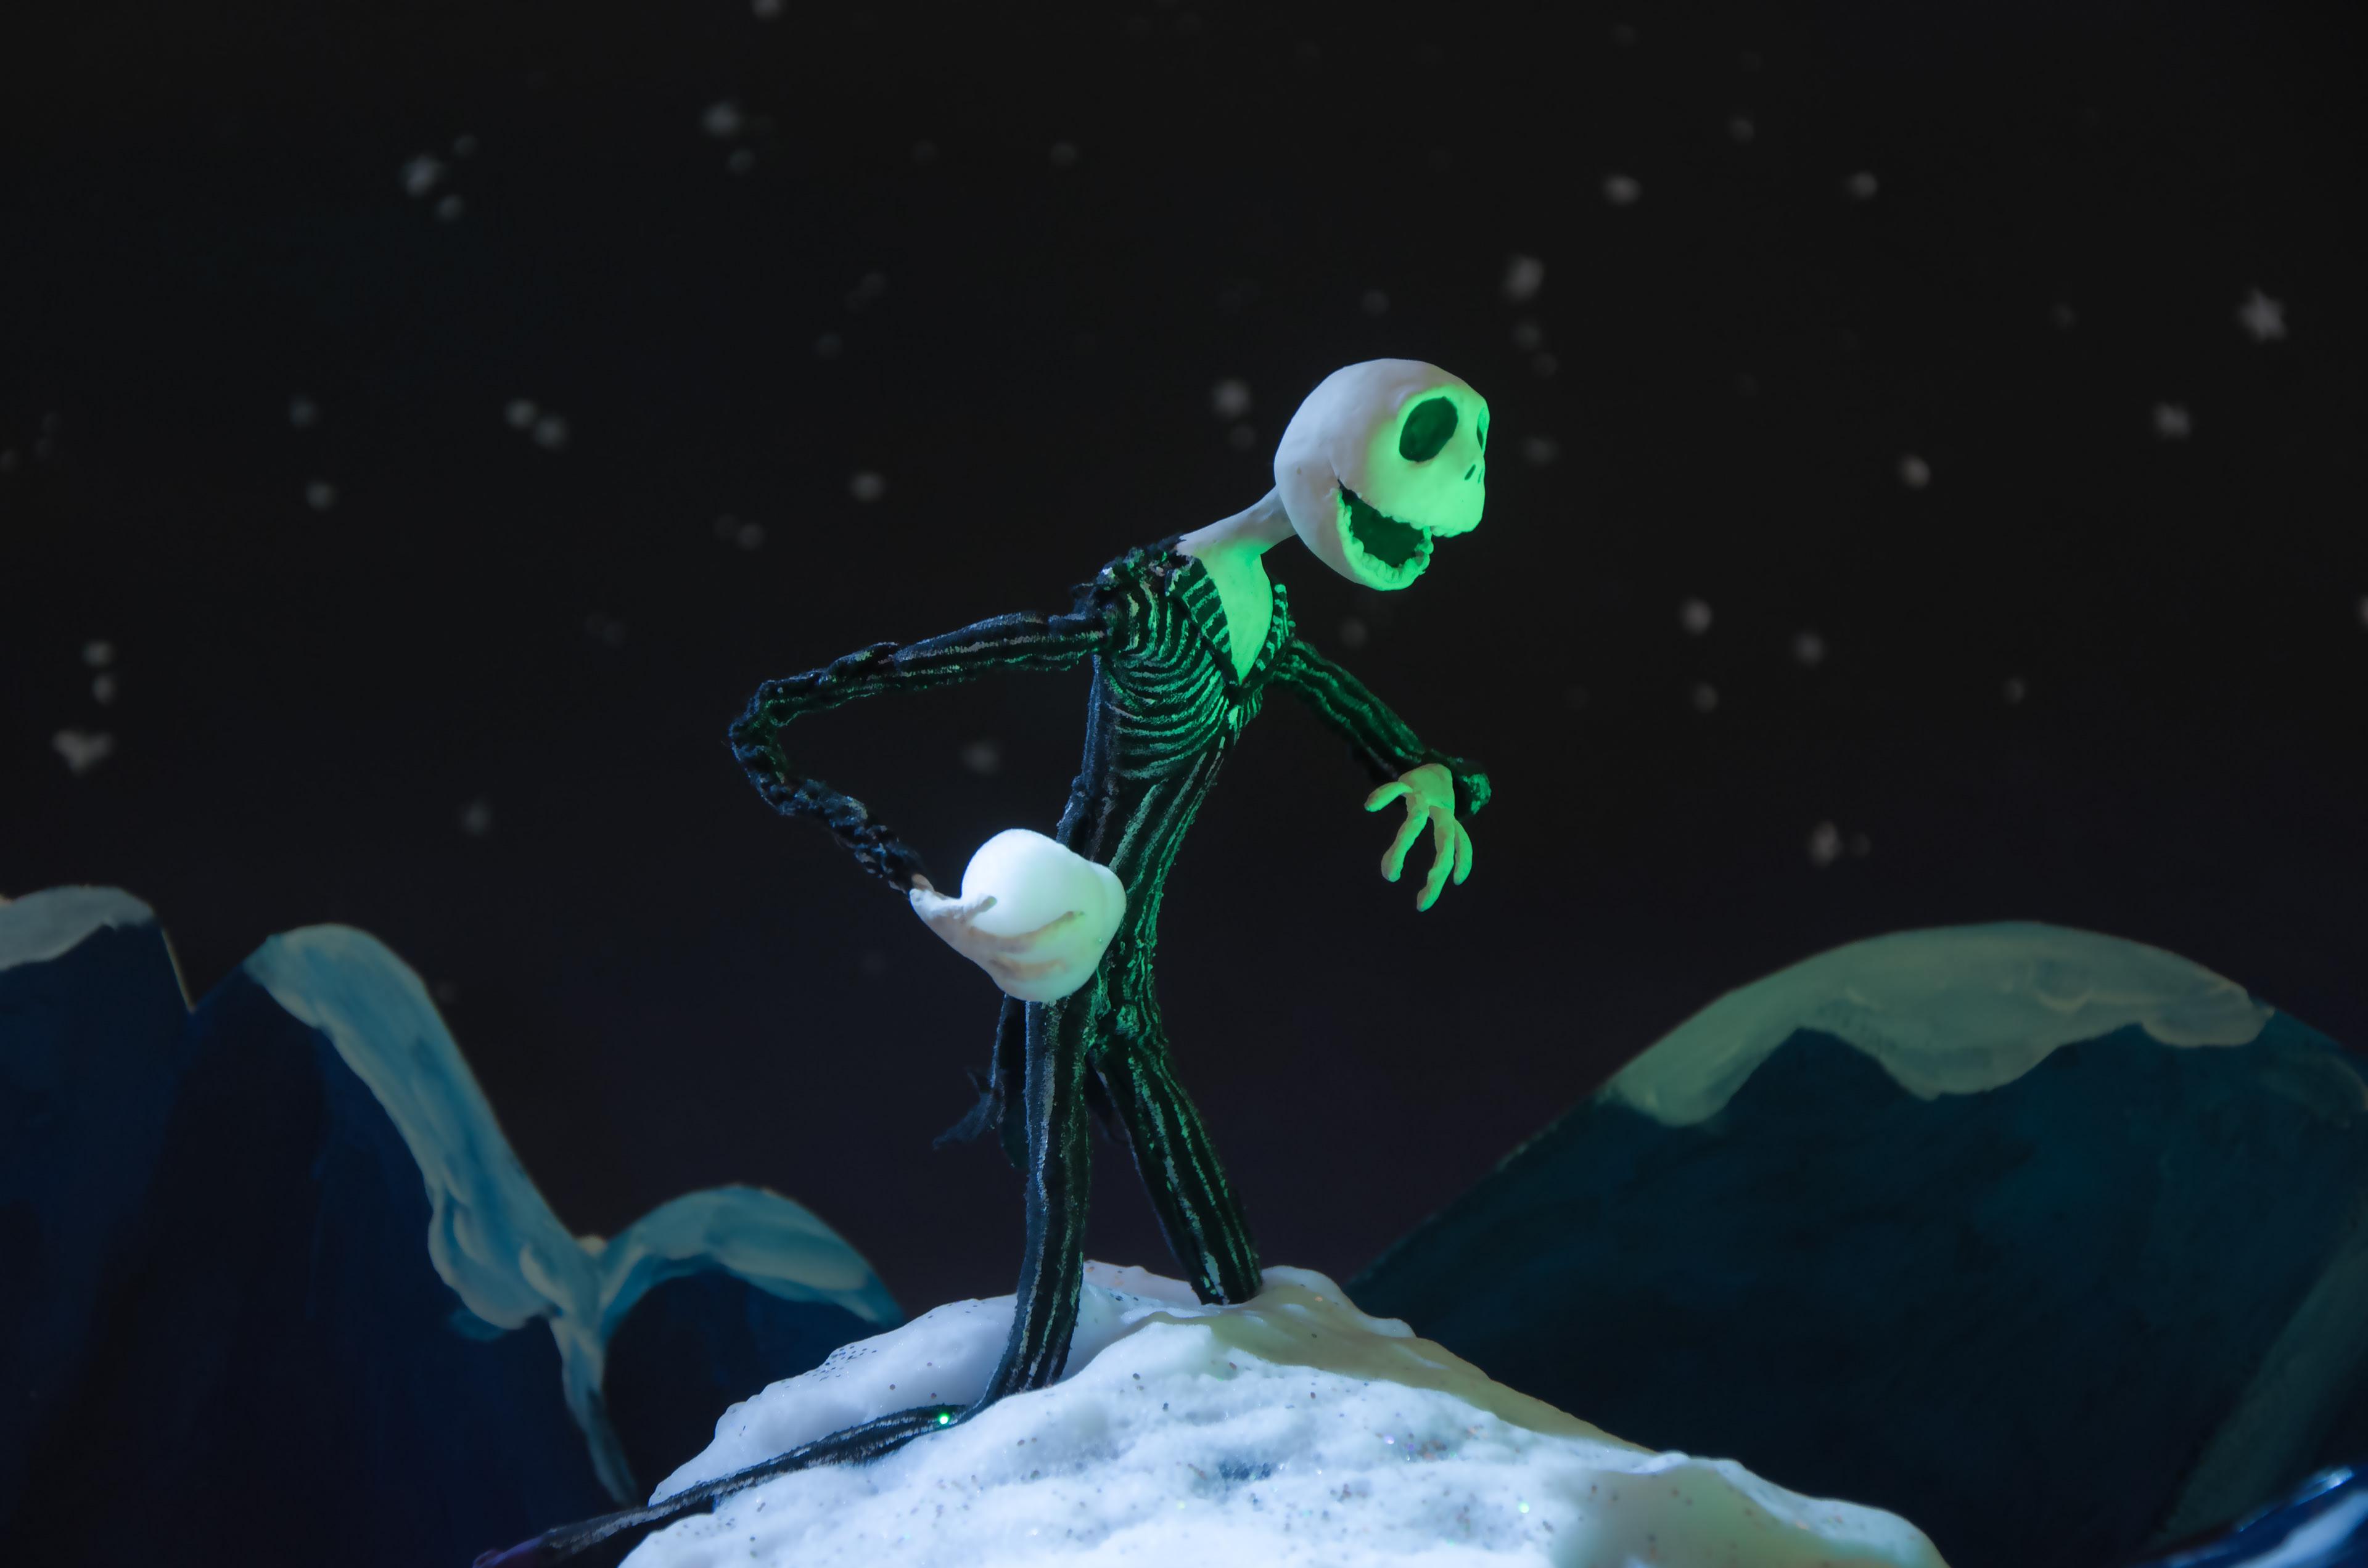 Moran Shina - The Nightmare Before Christmas Remake